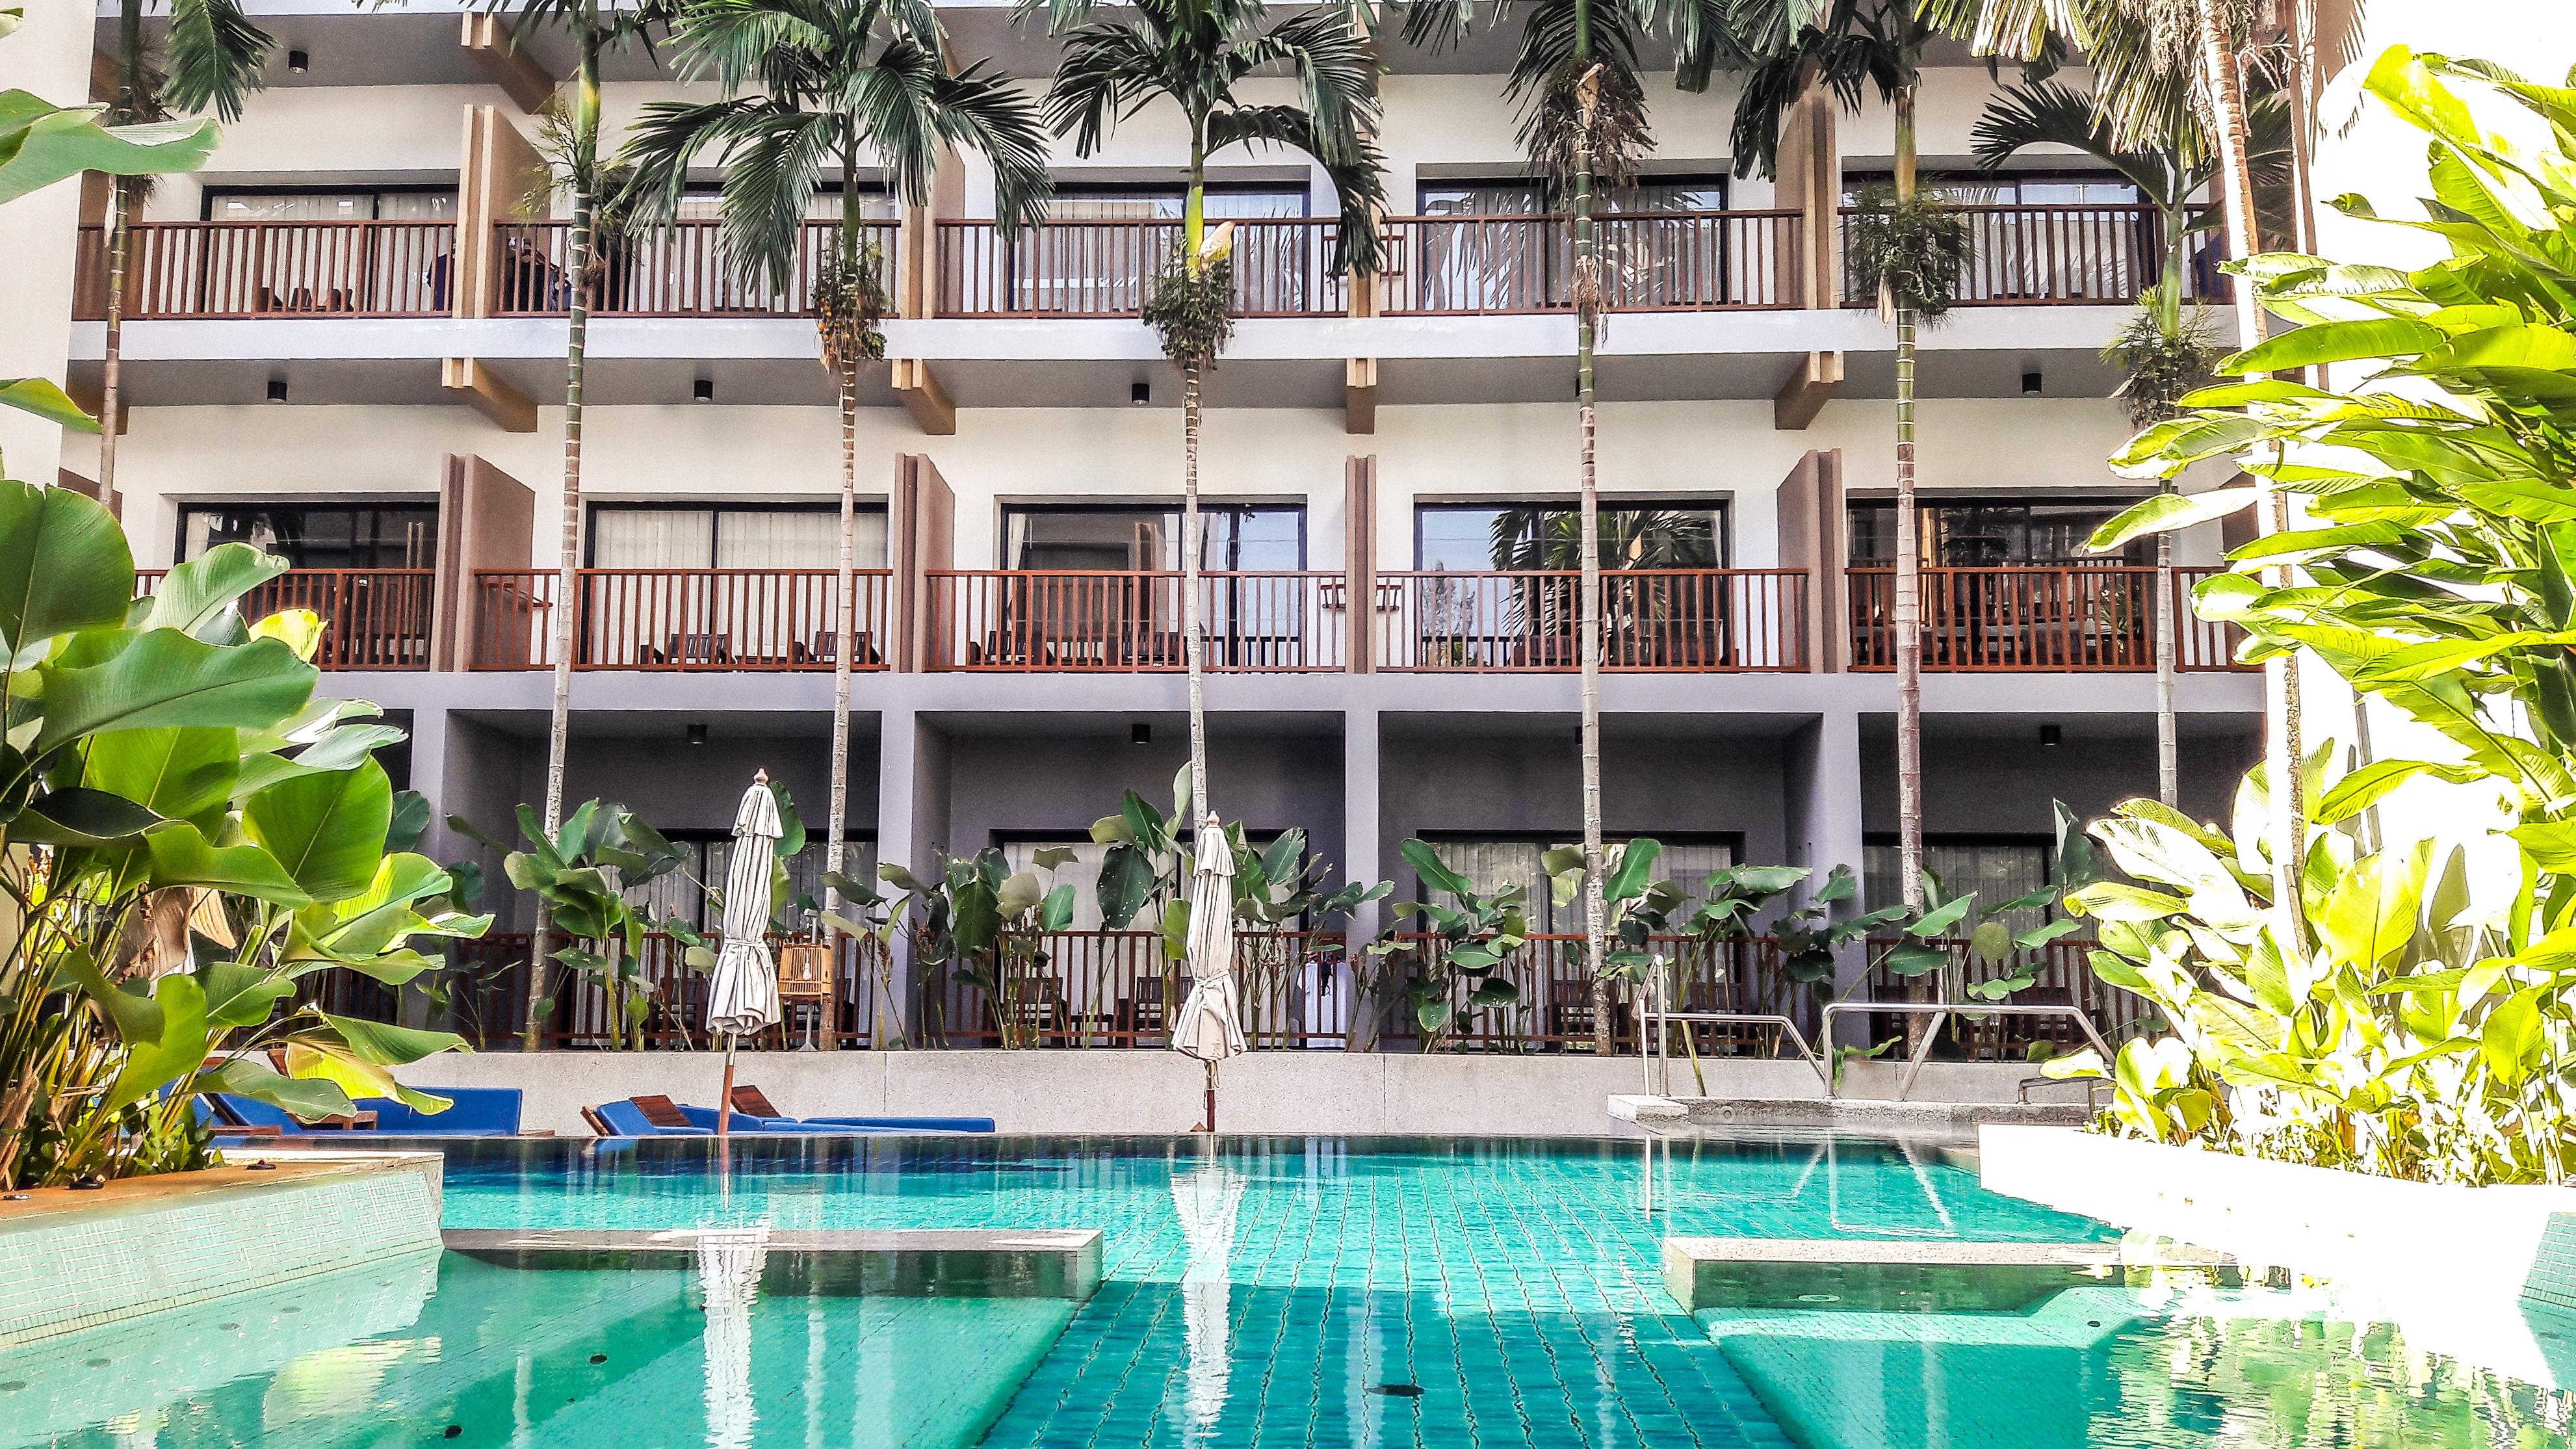 Fotos gratis villa palacio edificio casa verano piscina caba a fiesta patio interior - Ley propiedad horizontal patio interior ...